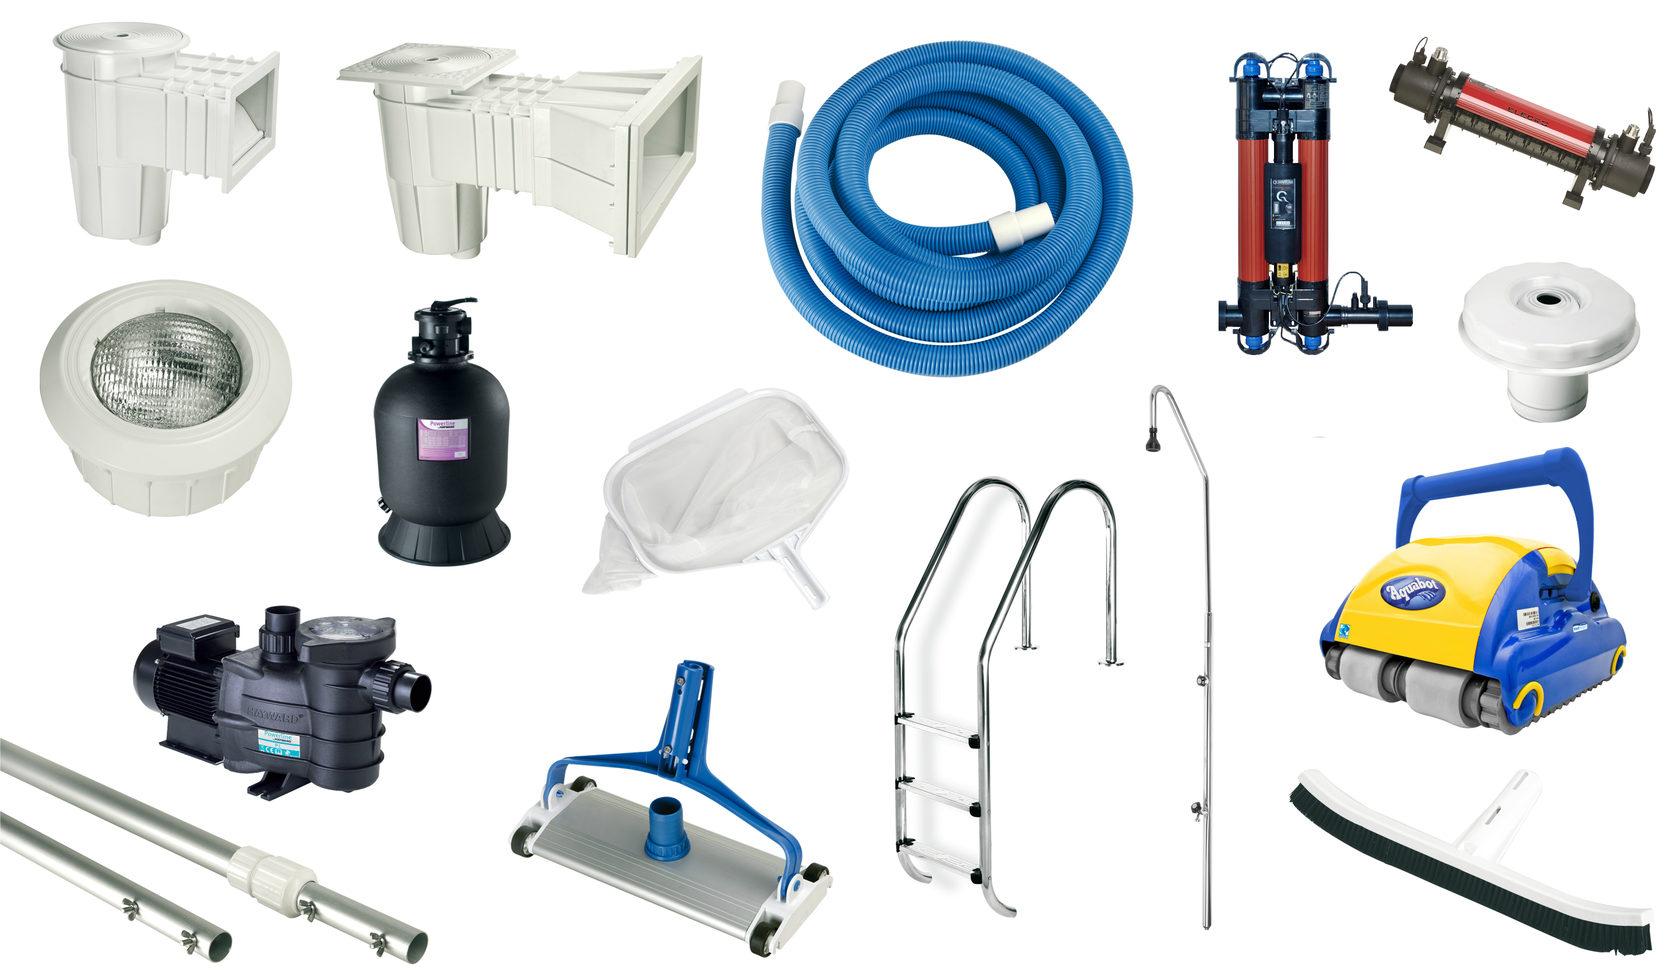 Монтаж оборудования для бассейнов: как произвести установку оборудование для монтажа бассейна, схемы подключения - morevdome.com